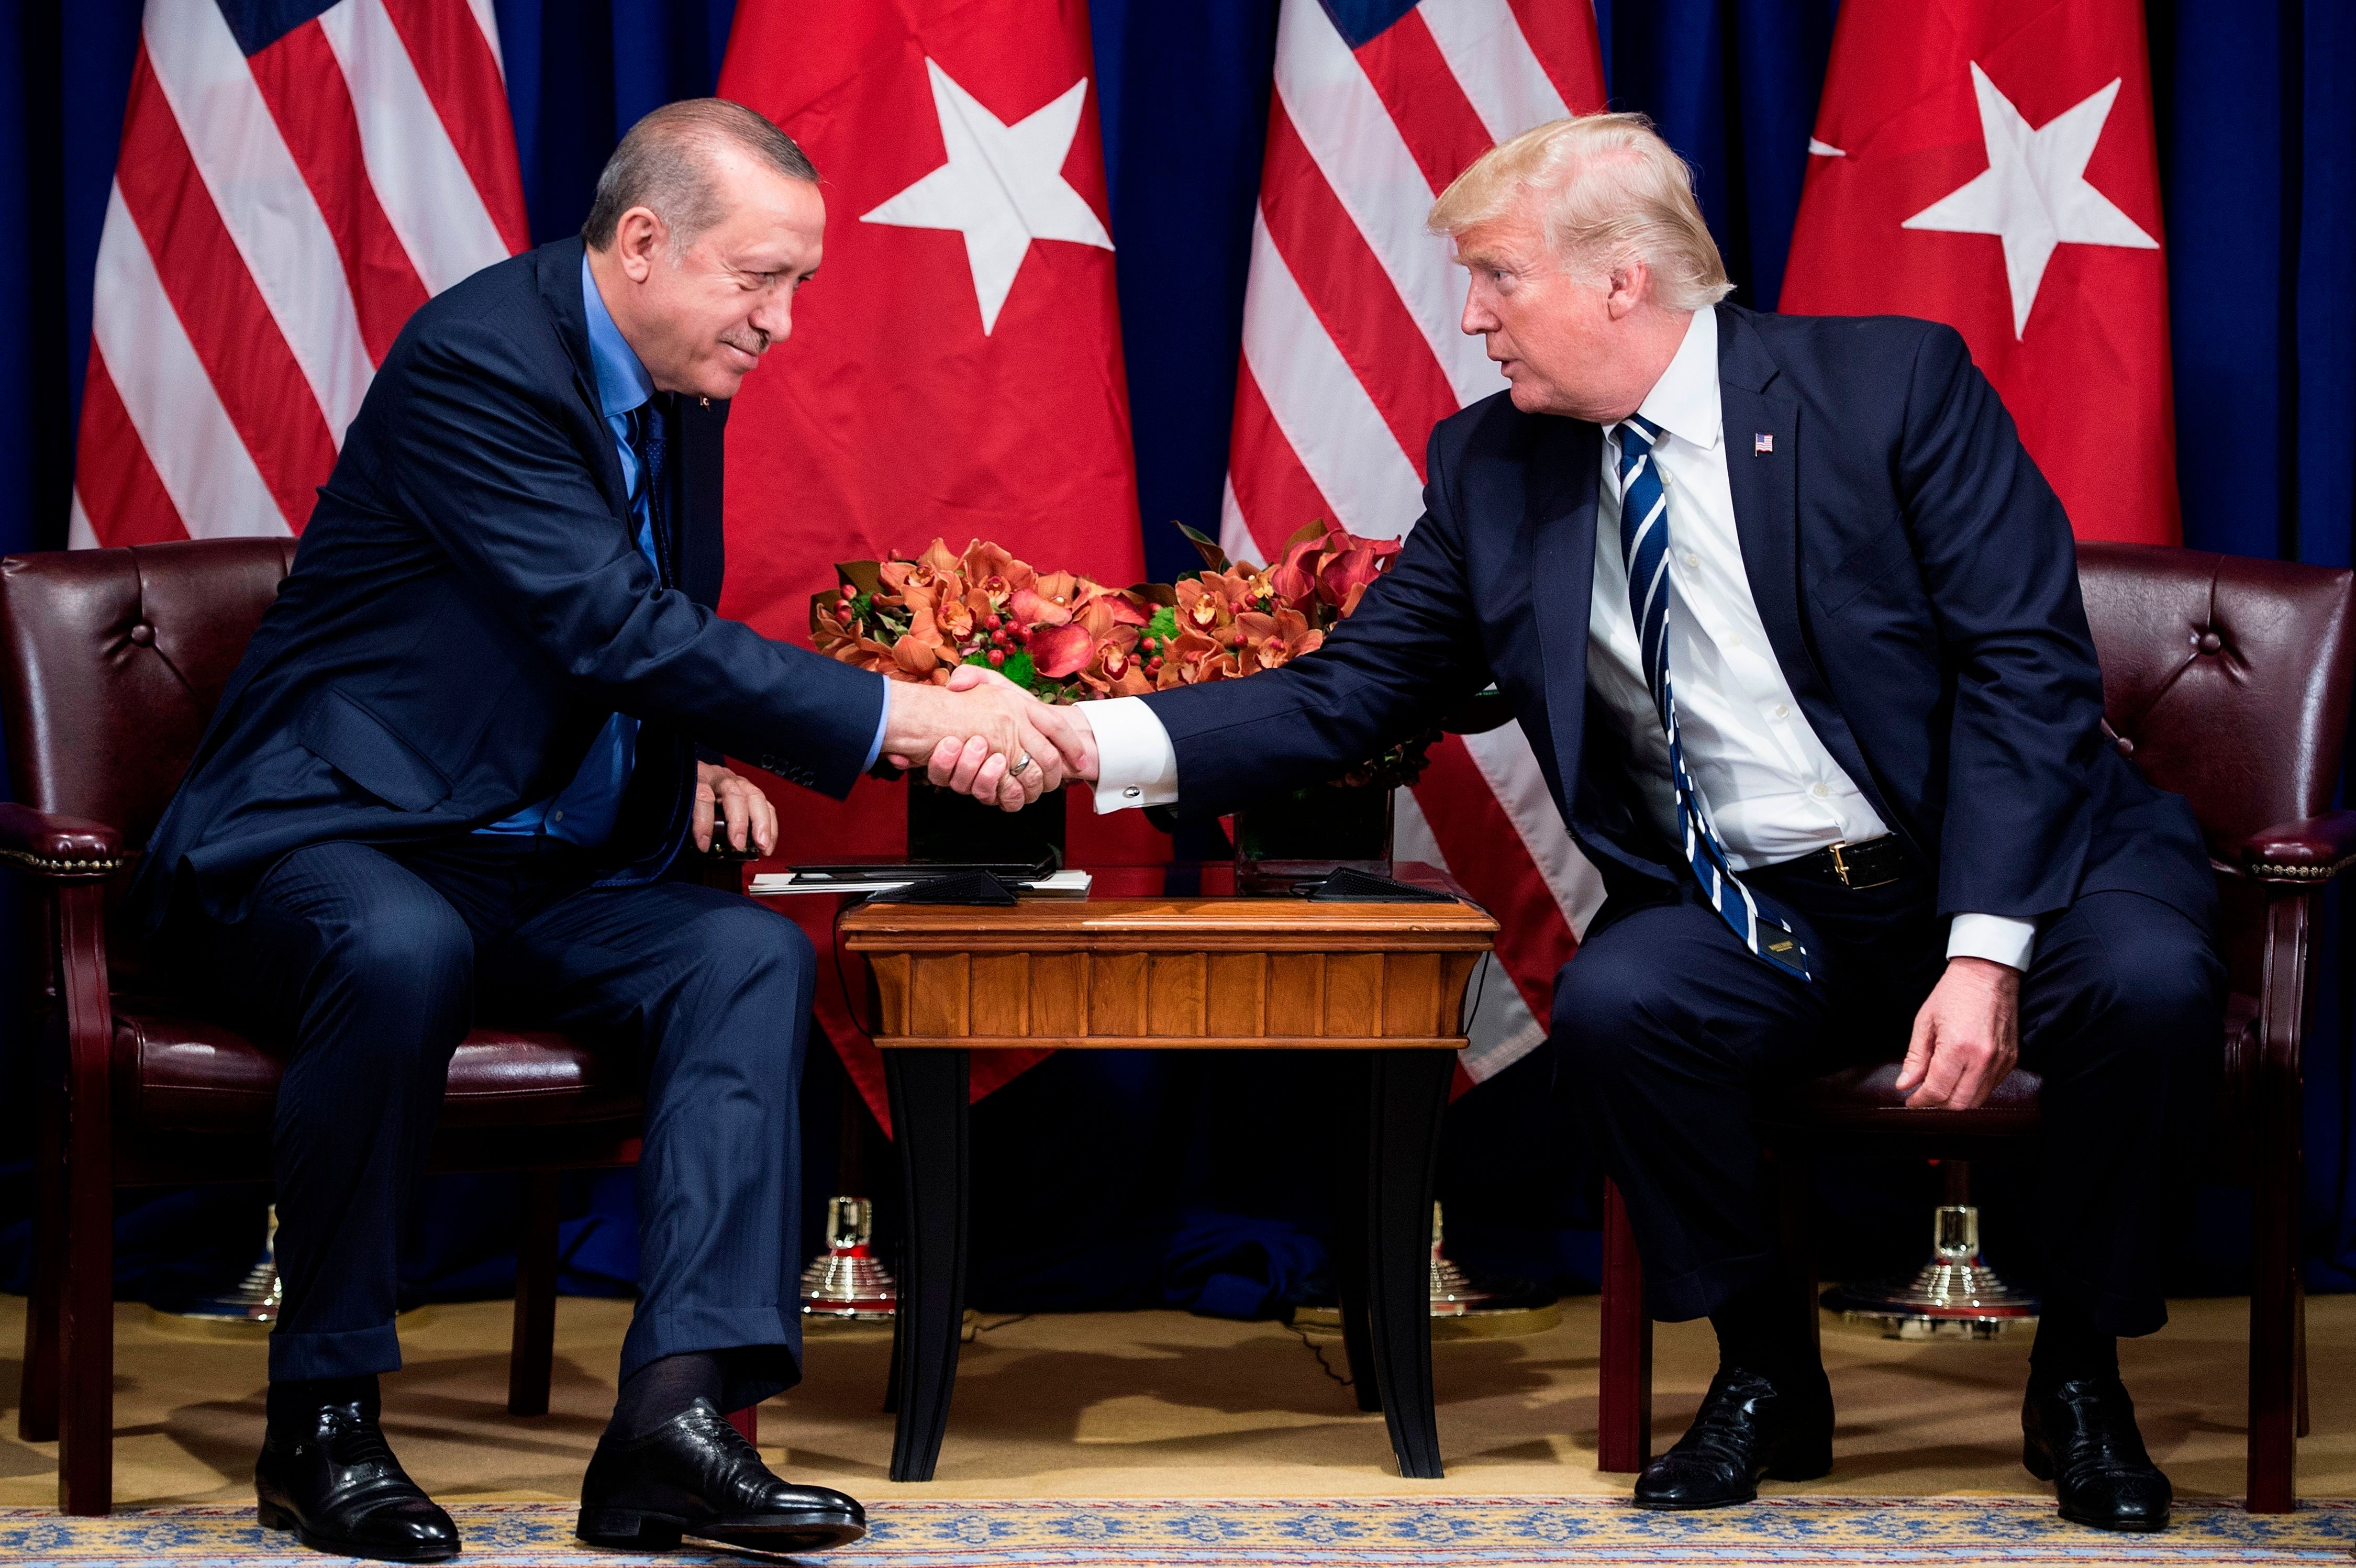 L'ambassadeur turc aux Etats-unis retourne à Washington après avoir été rappelé pour protester contre la décision sur Jérusal...